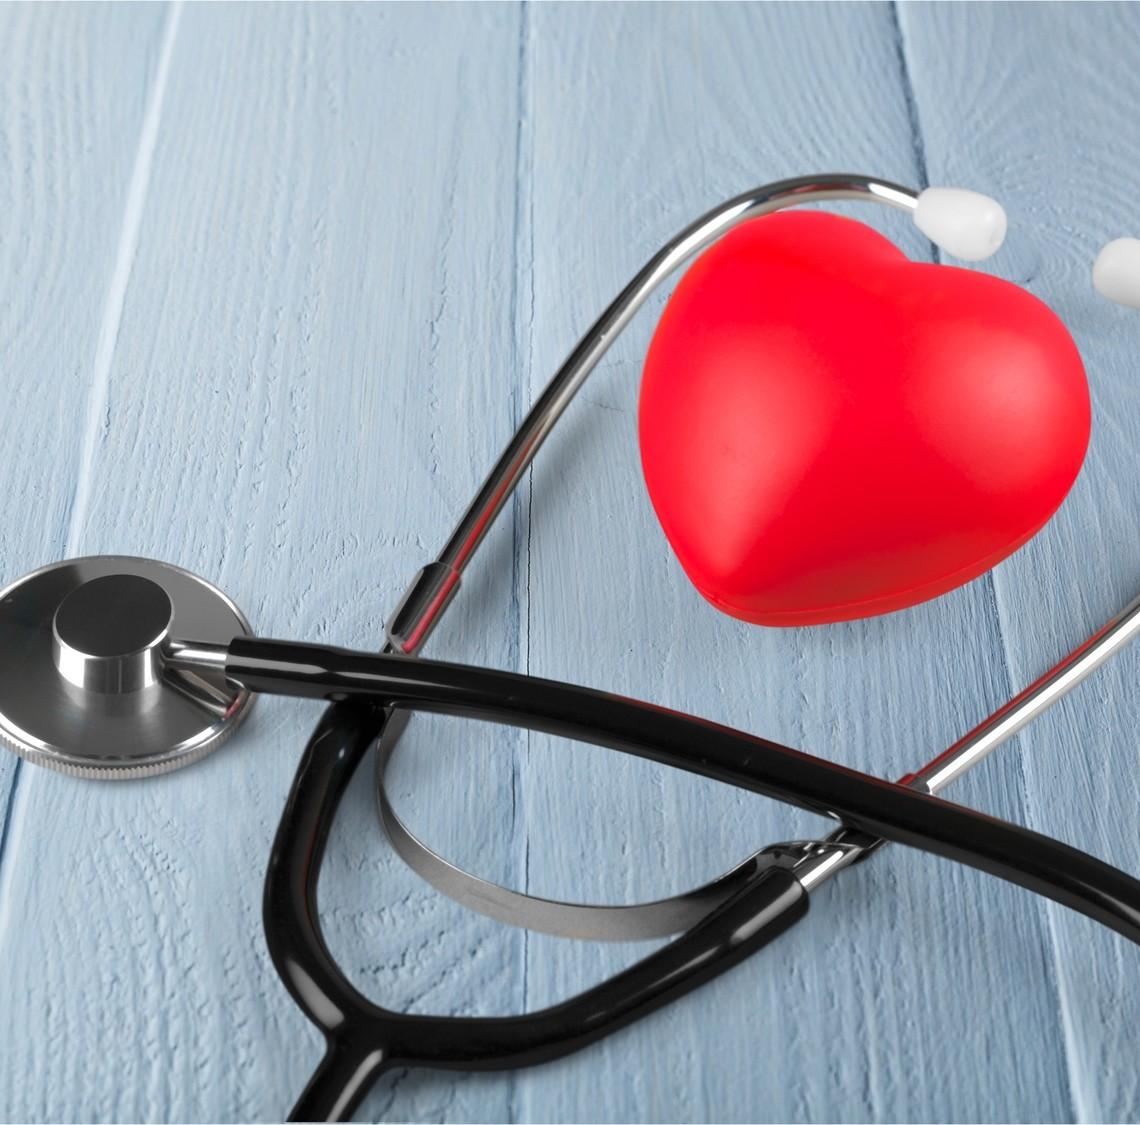 cardiopain